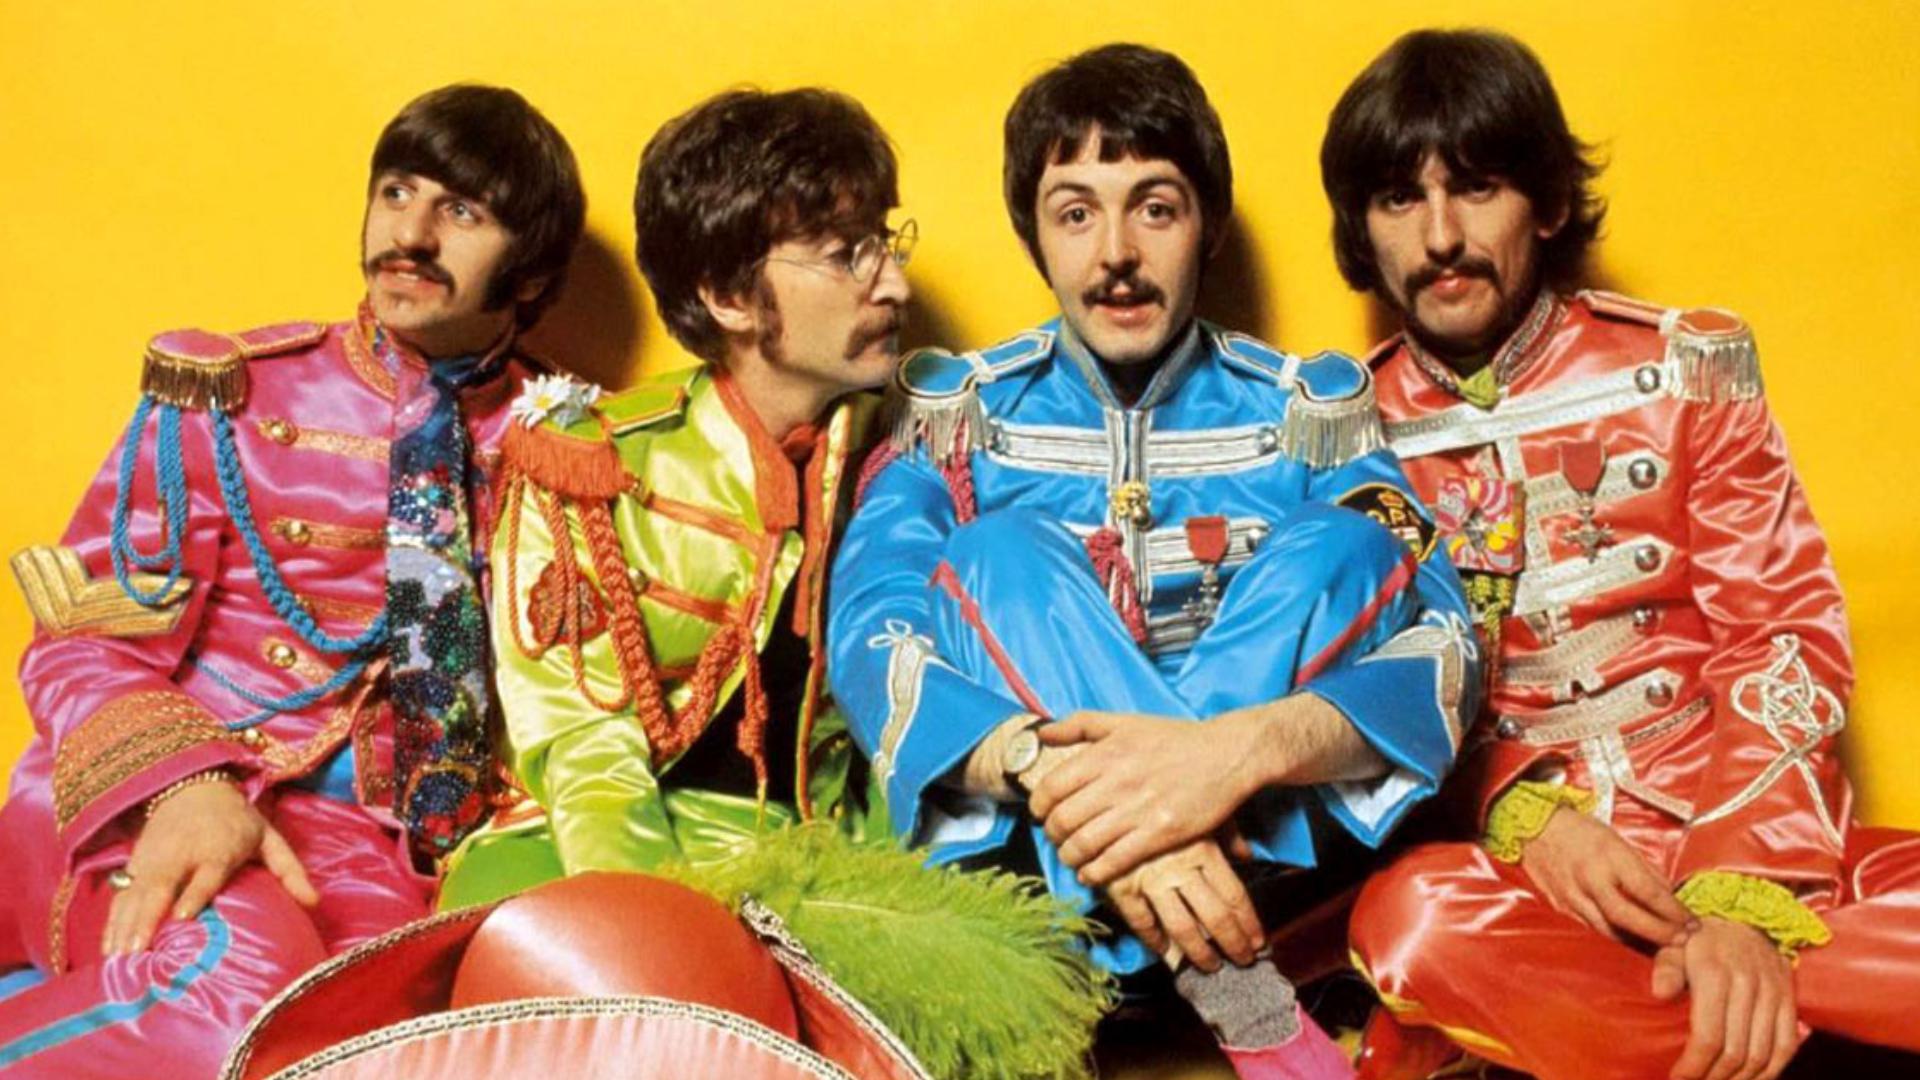 Ringo Starr tiene 76 años, John Lennon fue asesinado en 1980, Paul McCartney tiene 74 años y George Harrison murió de cáncer de pulmón en 2001